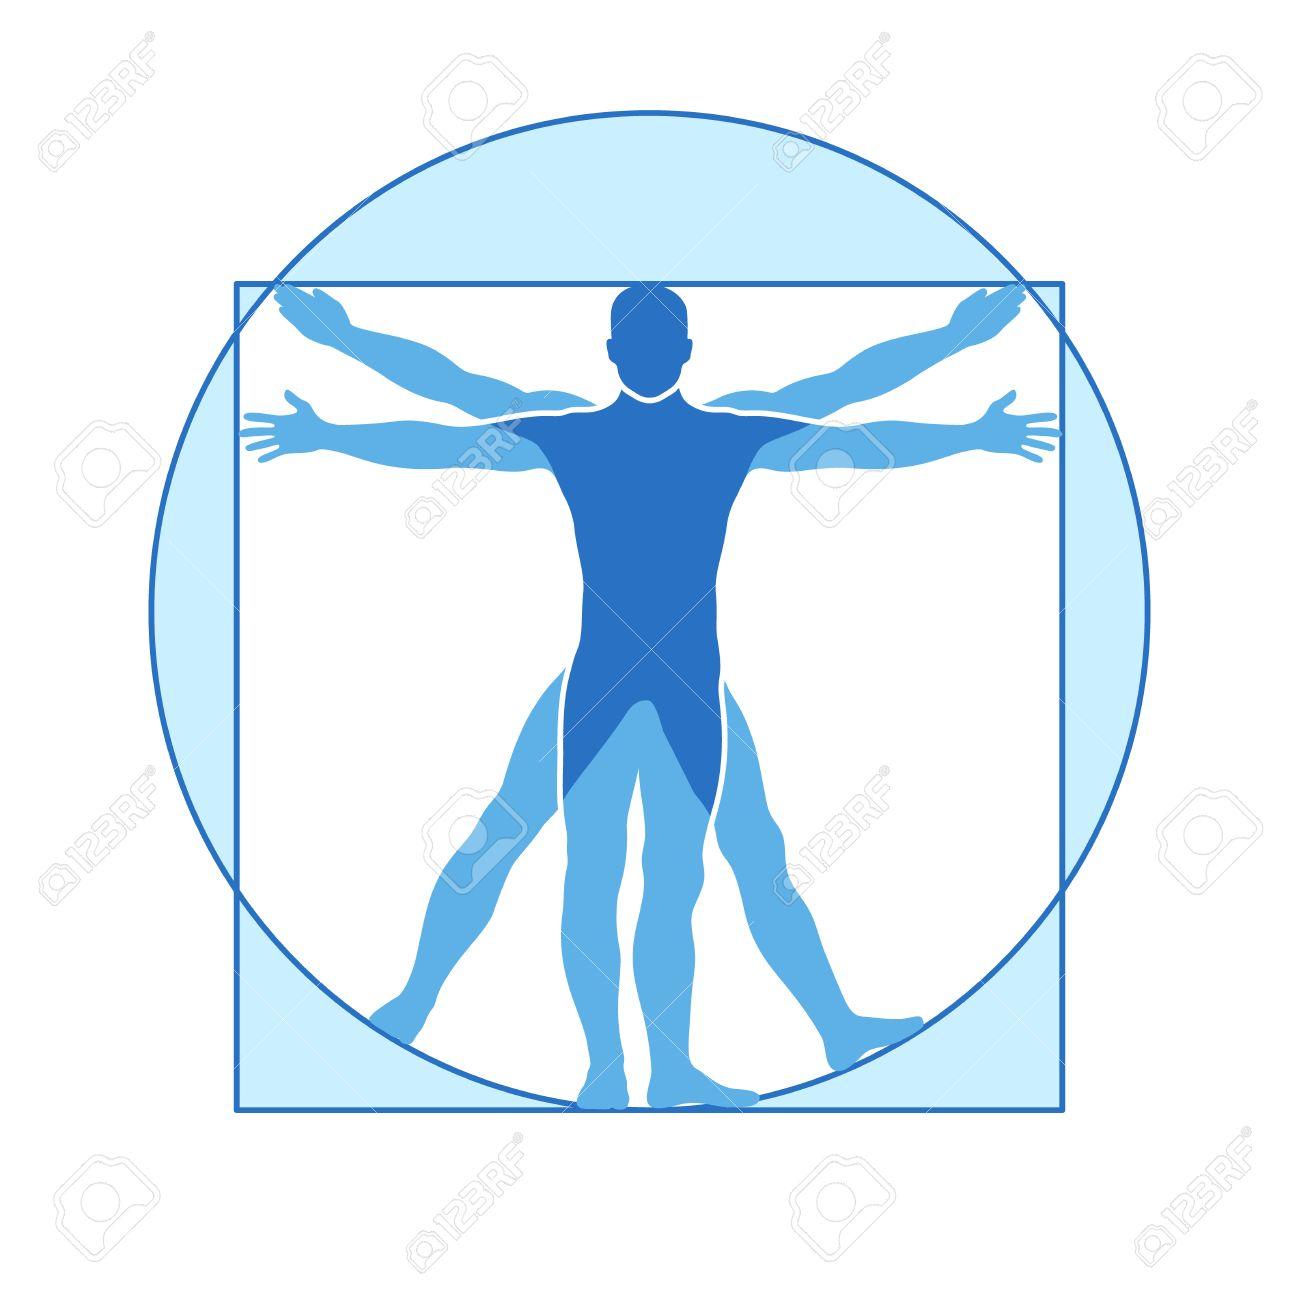 Der Menschliche Körper Vektor-Symbol Von Vitruvian Mann. Berühmte ...